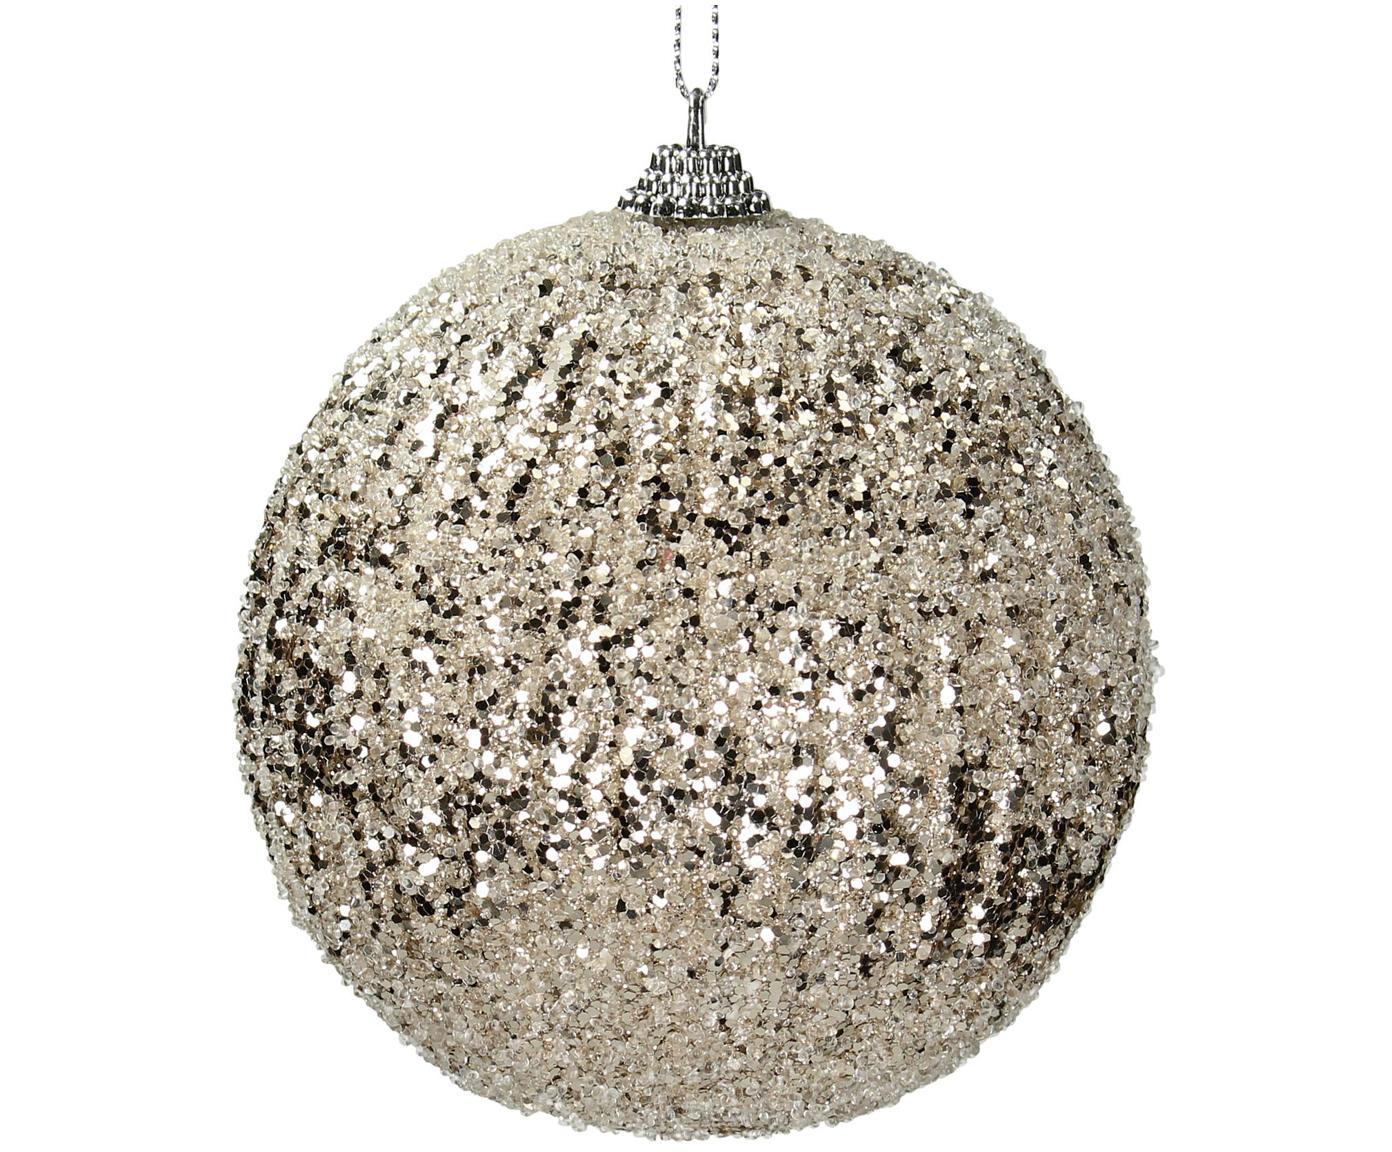 Palla di Natale Dazzle Ø 10 cm, 2 pz, Materiale sintetico, lucido, Champagne, Ø 10 cm